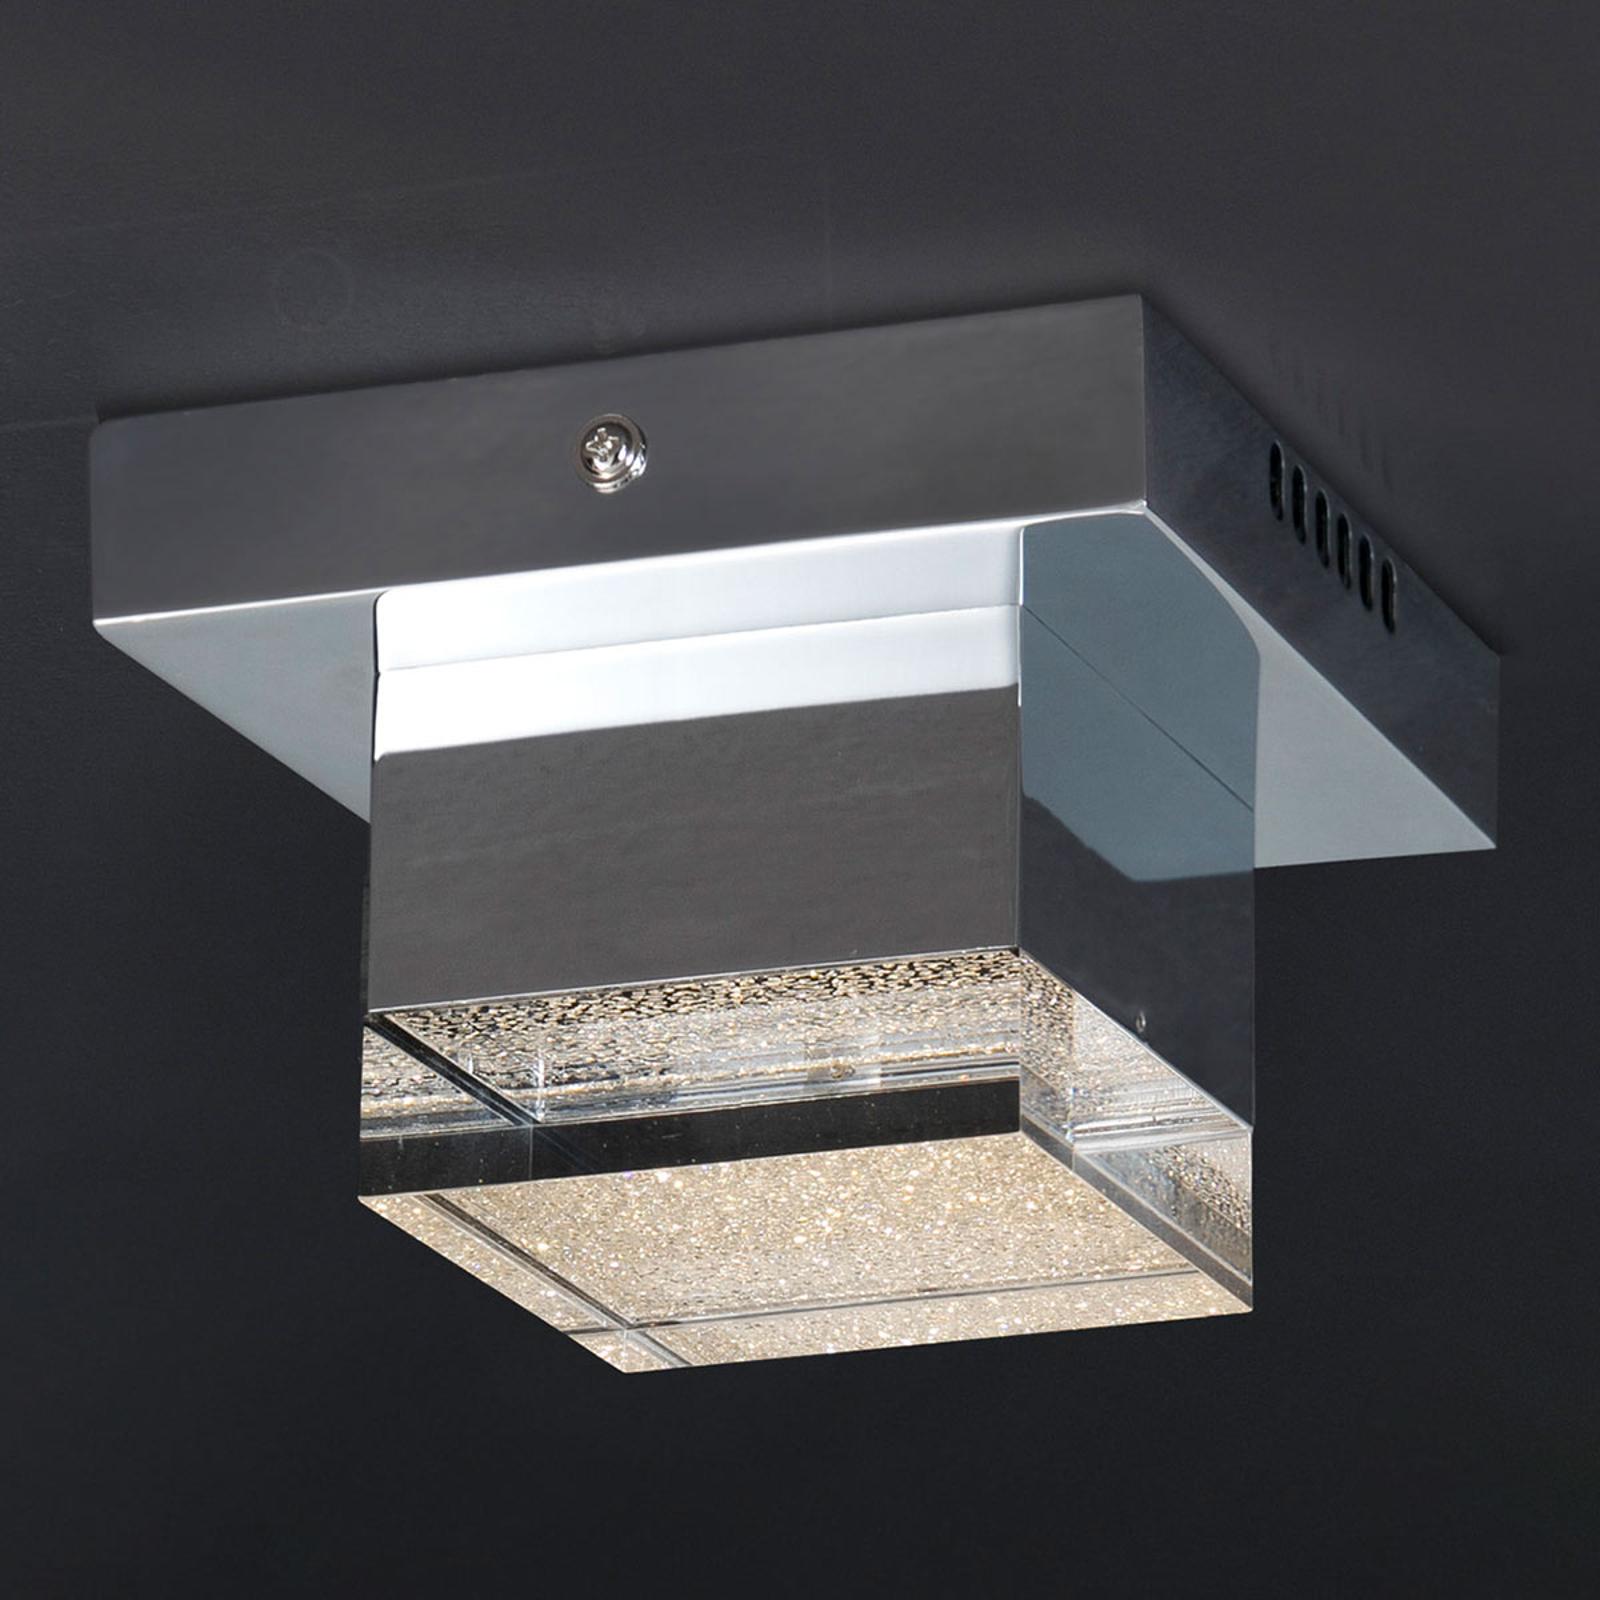 Lampa sufitowa LED Prisma, 1-punktowa